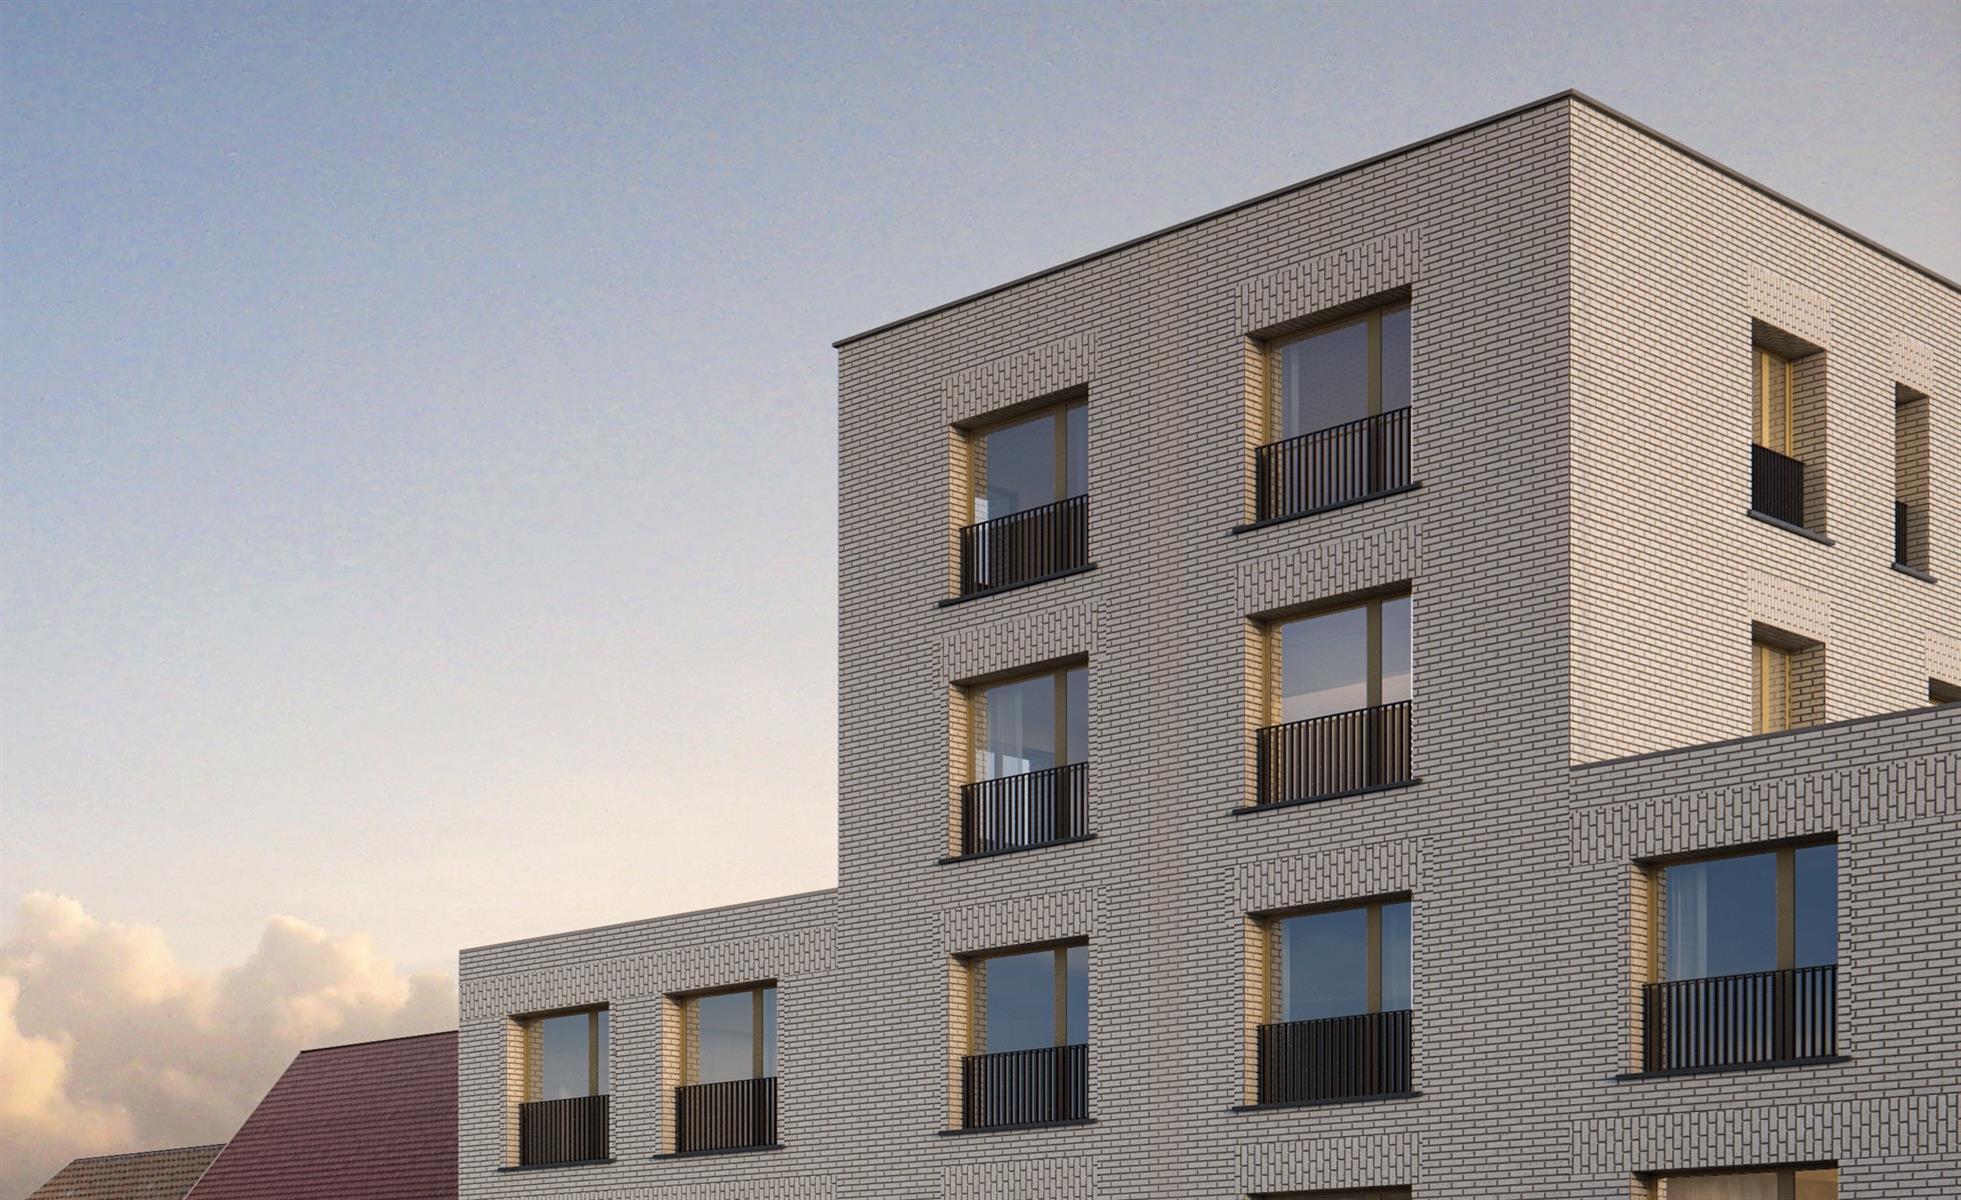 Te koop, Appartement, Deinze, AP 1.4 - Pakhuis - Appartement